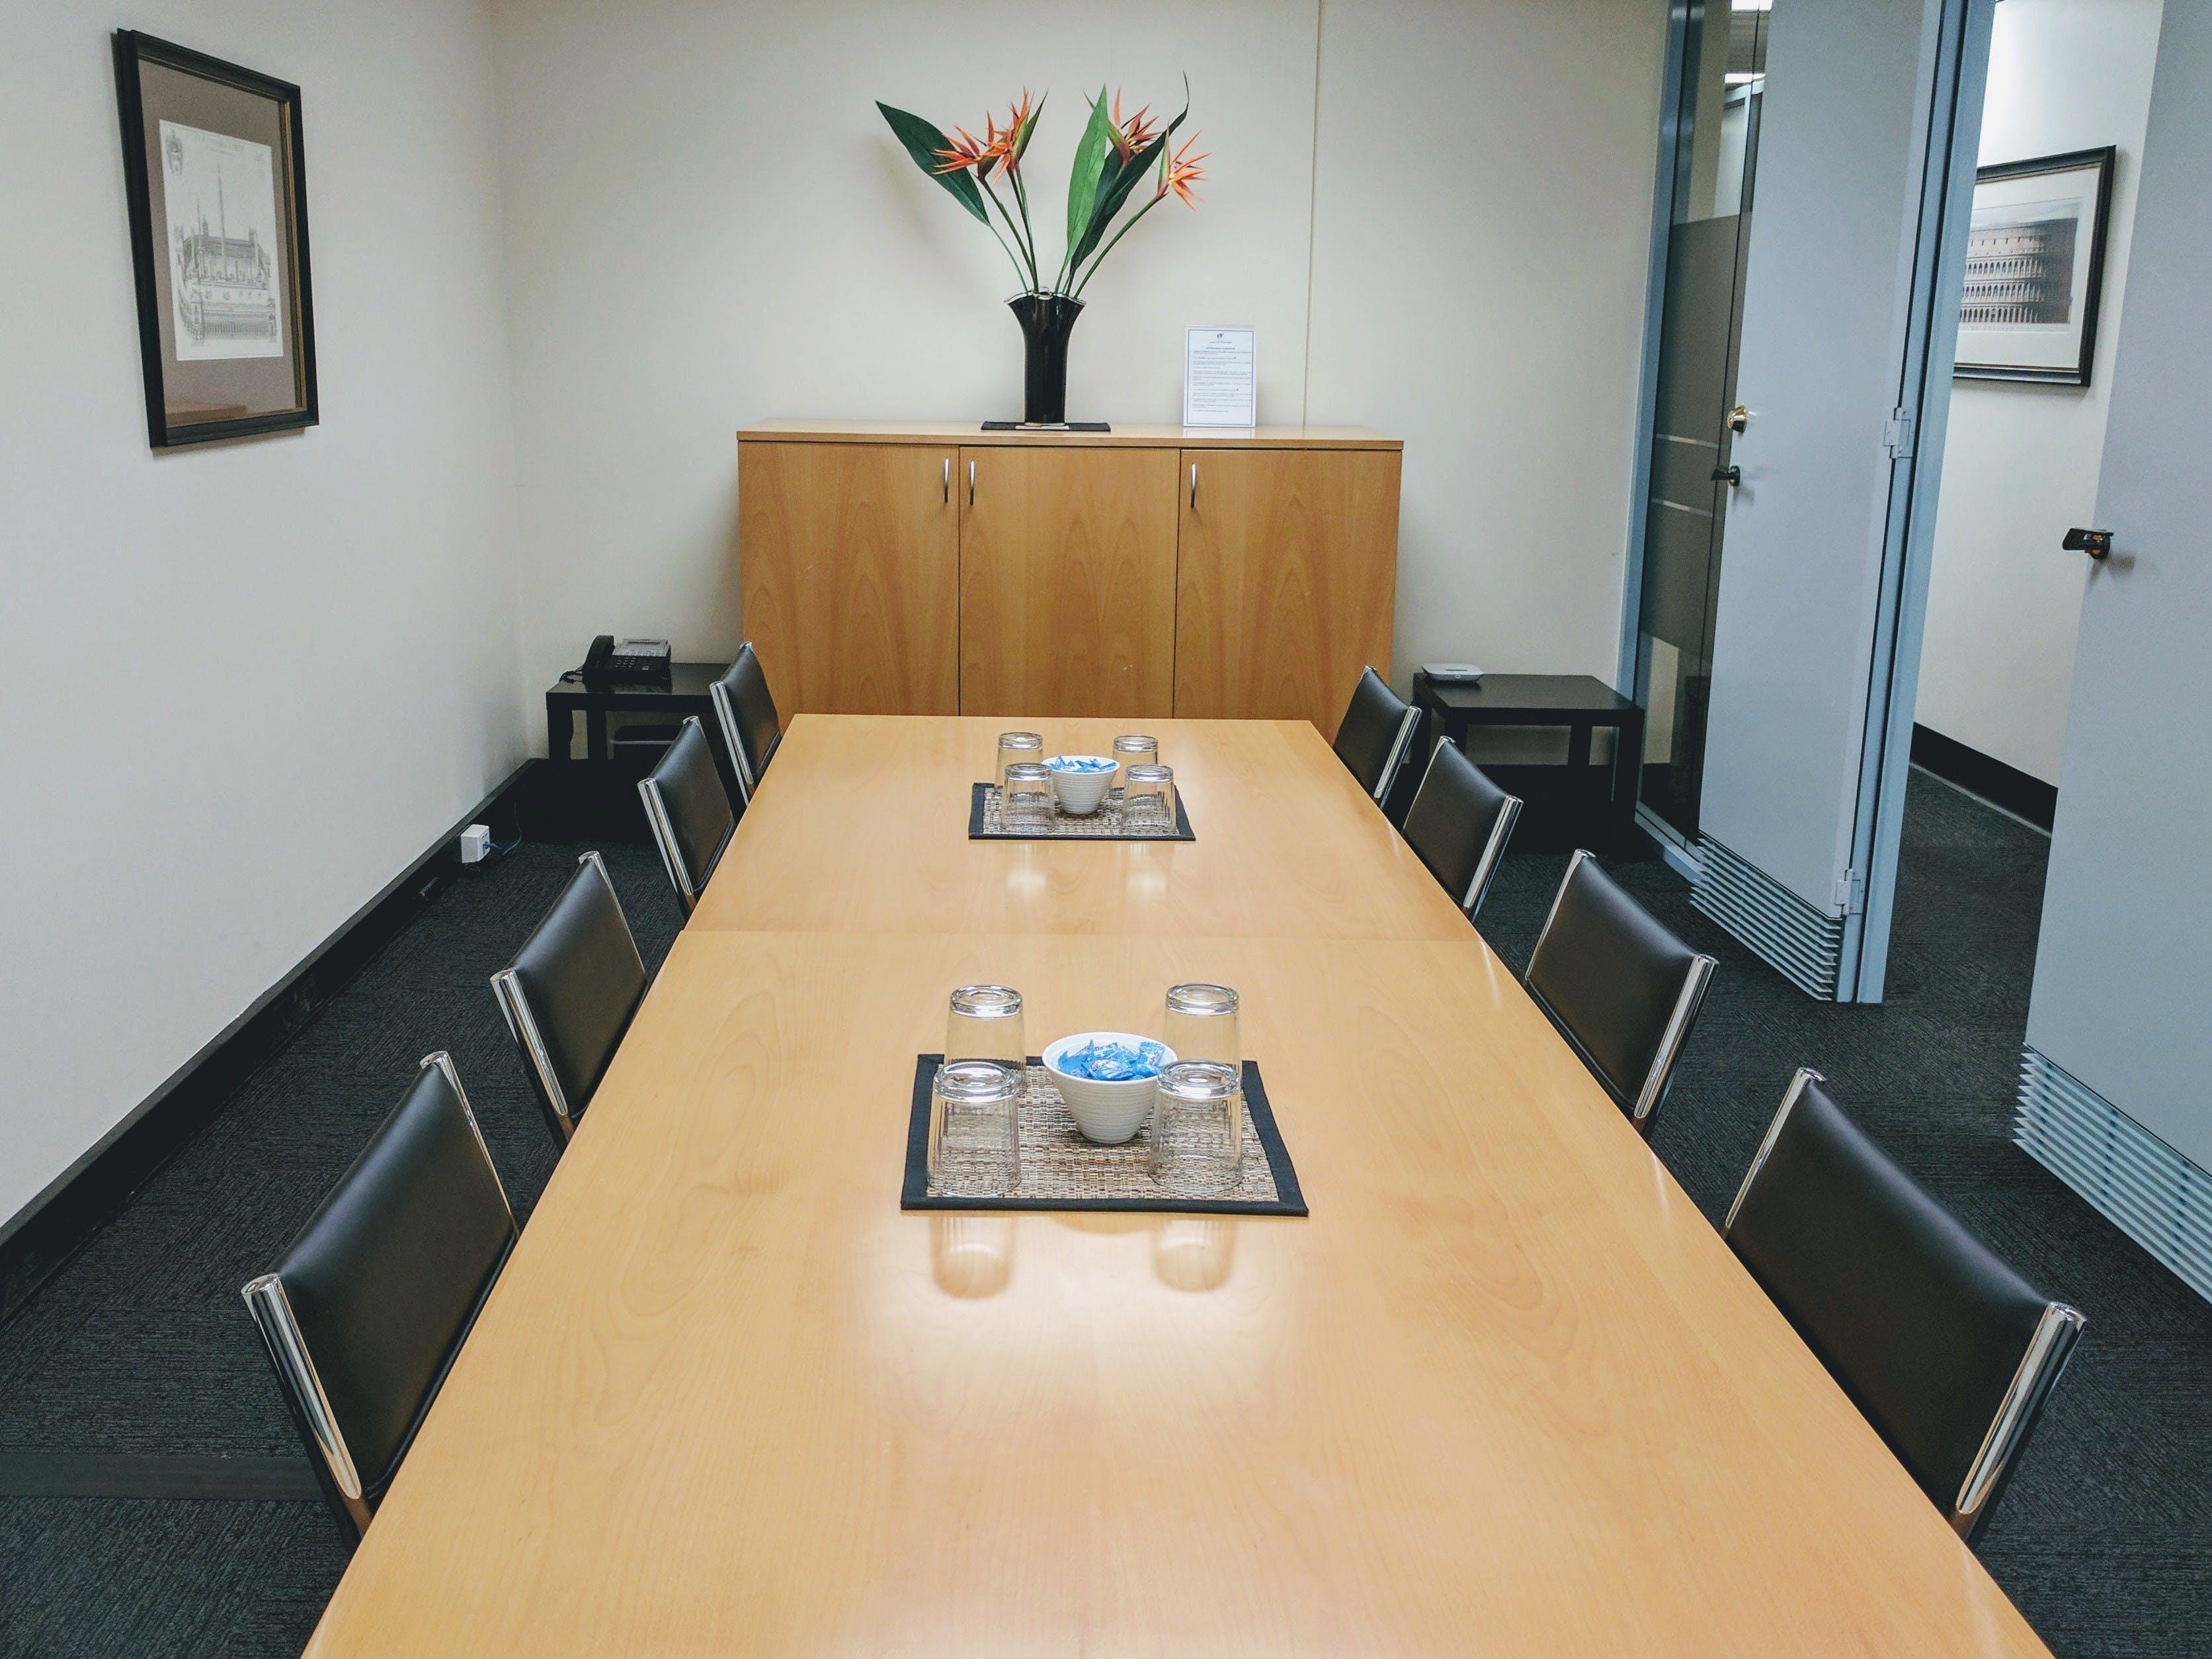 Wilkin Room, meeting room at Wilkin Group, image 1